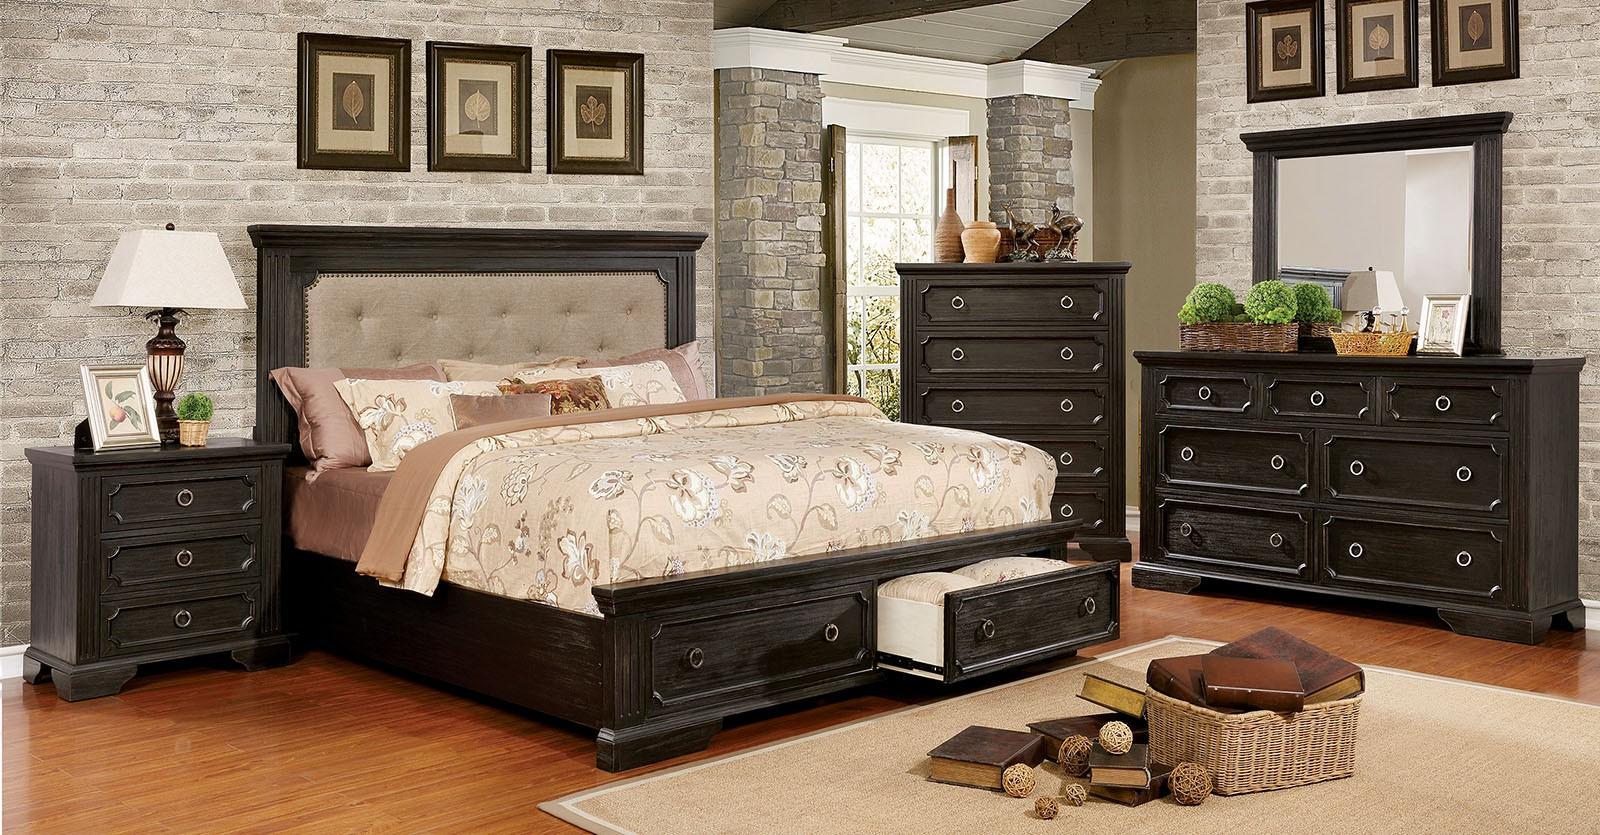 Bedroom Furniture 4pcs Set Black Color Finish Est king bed Dresser Mirror  Nightstand Storage Bed FB